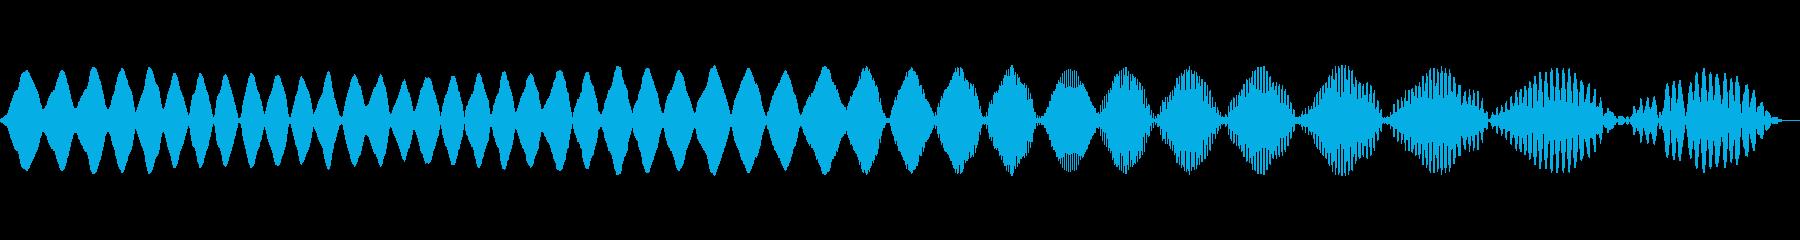 電子パルス2の再生済みの波形